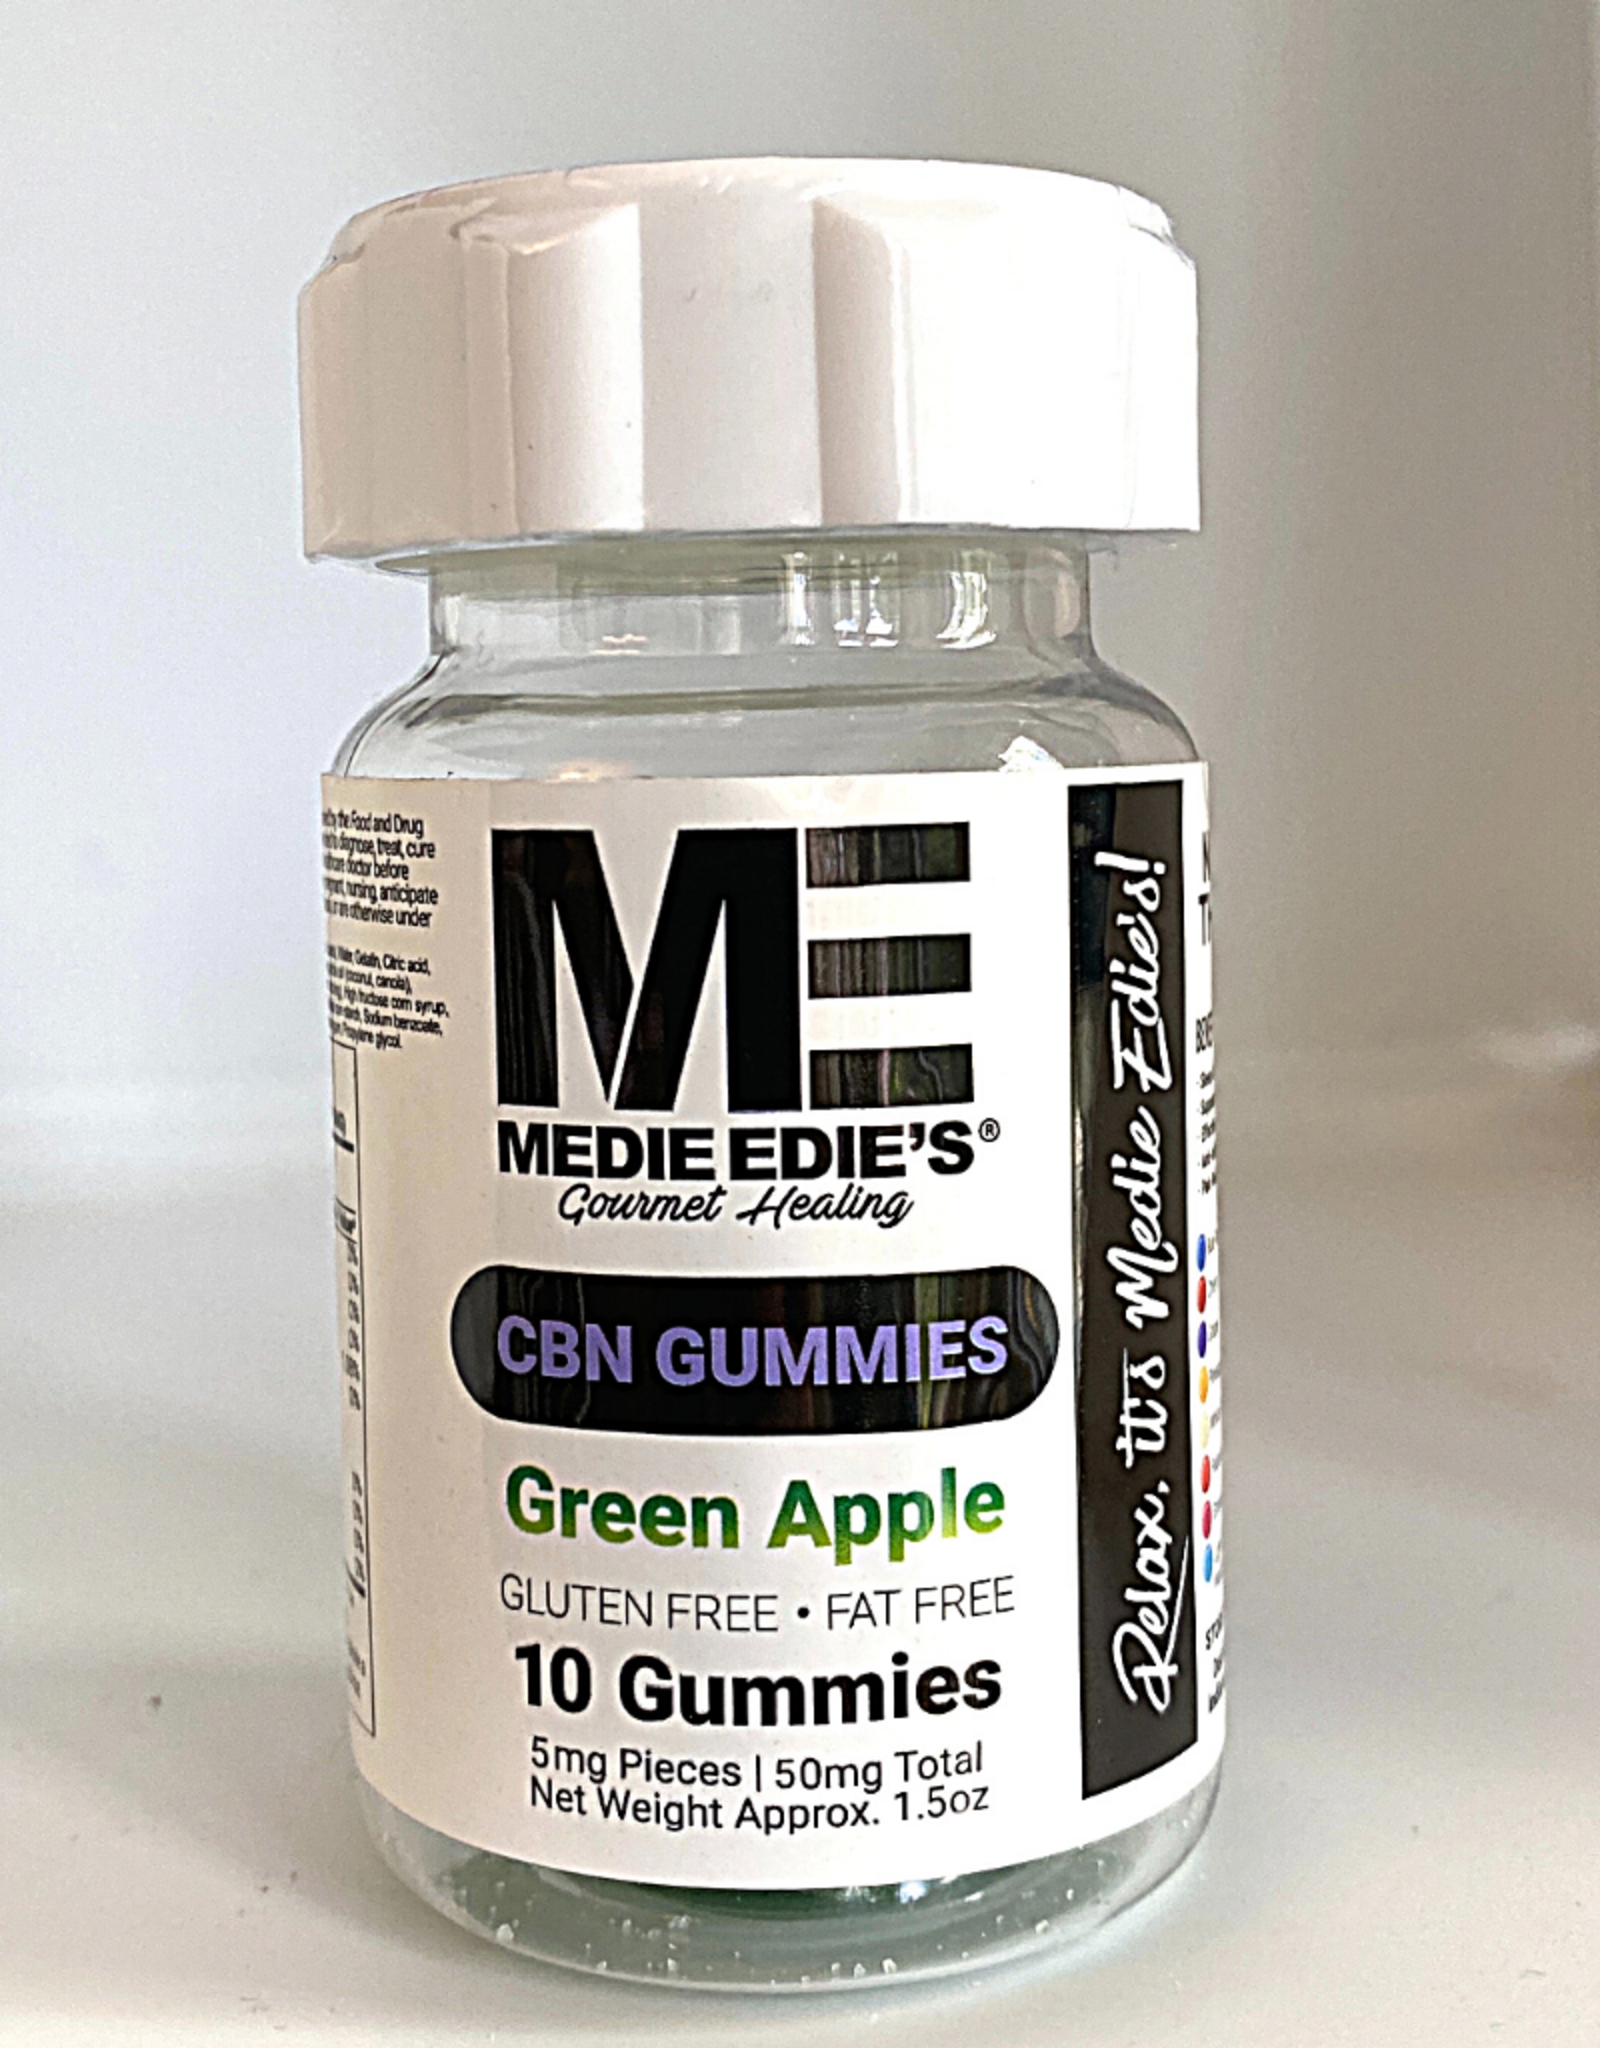 Medie Edie's Medie Edie's 10ct CBN Gummies Green Apple-5mg.50mg